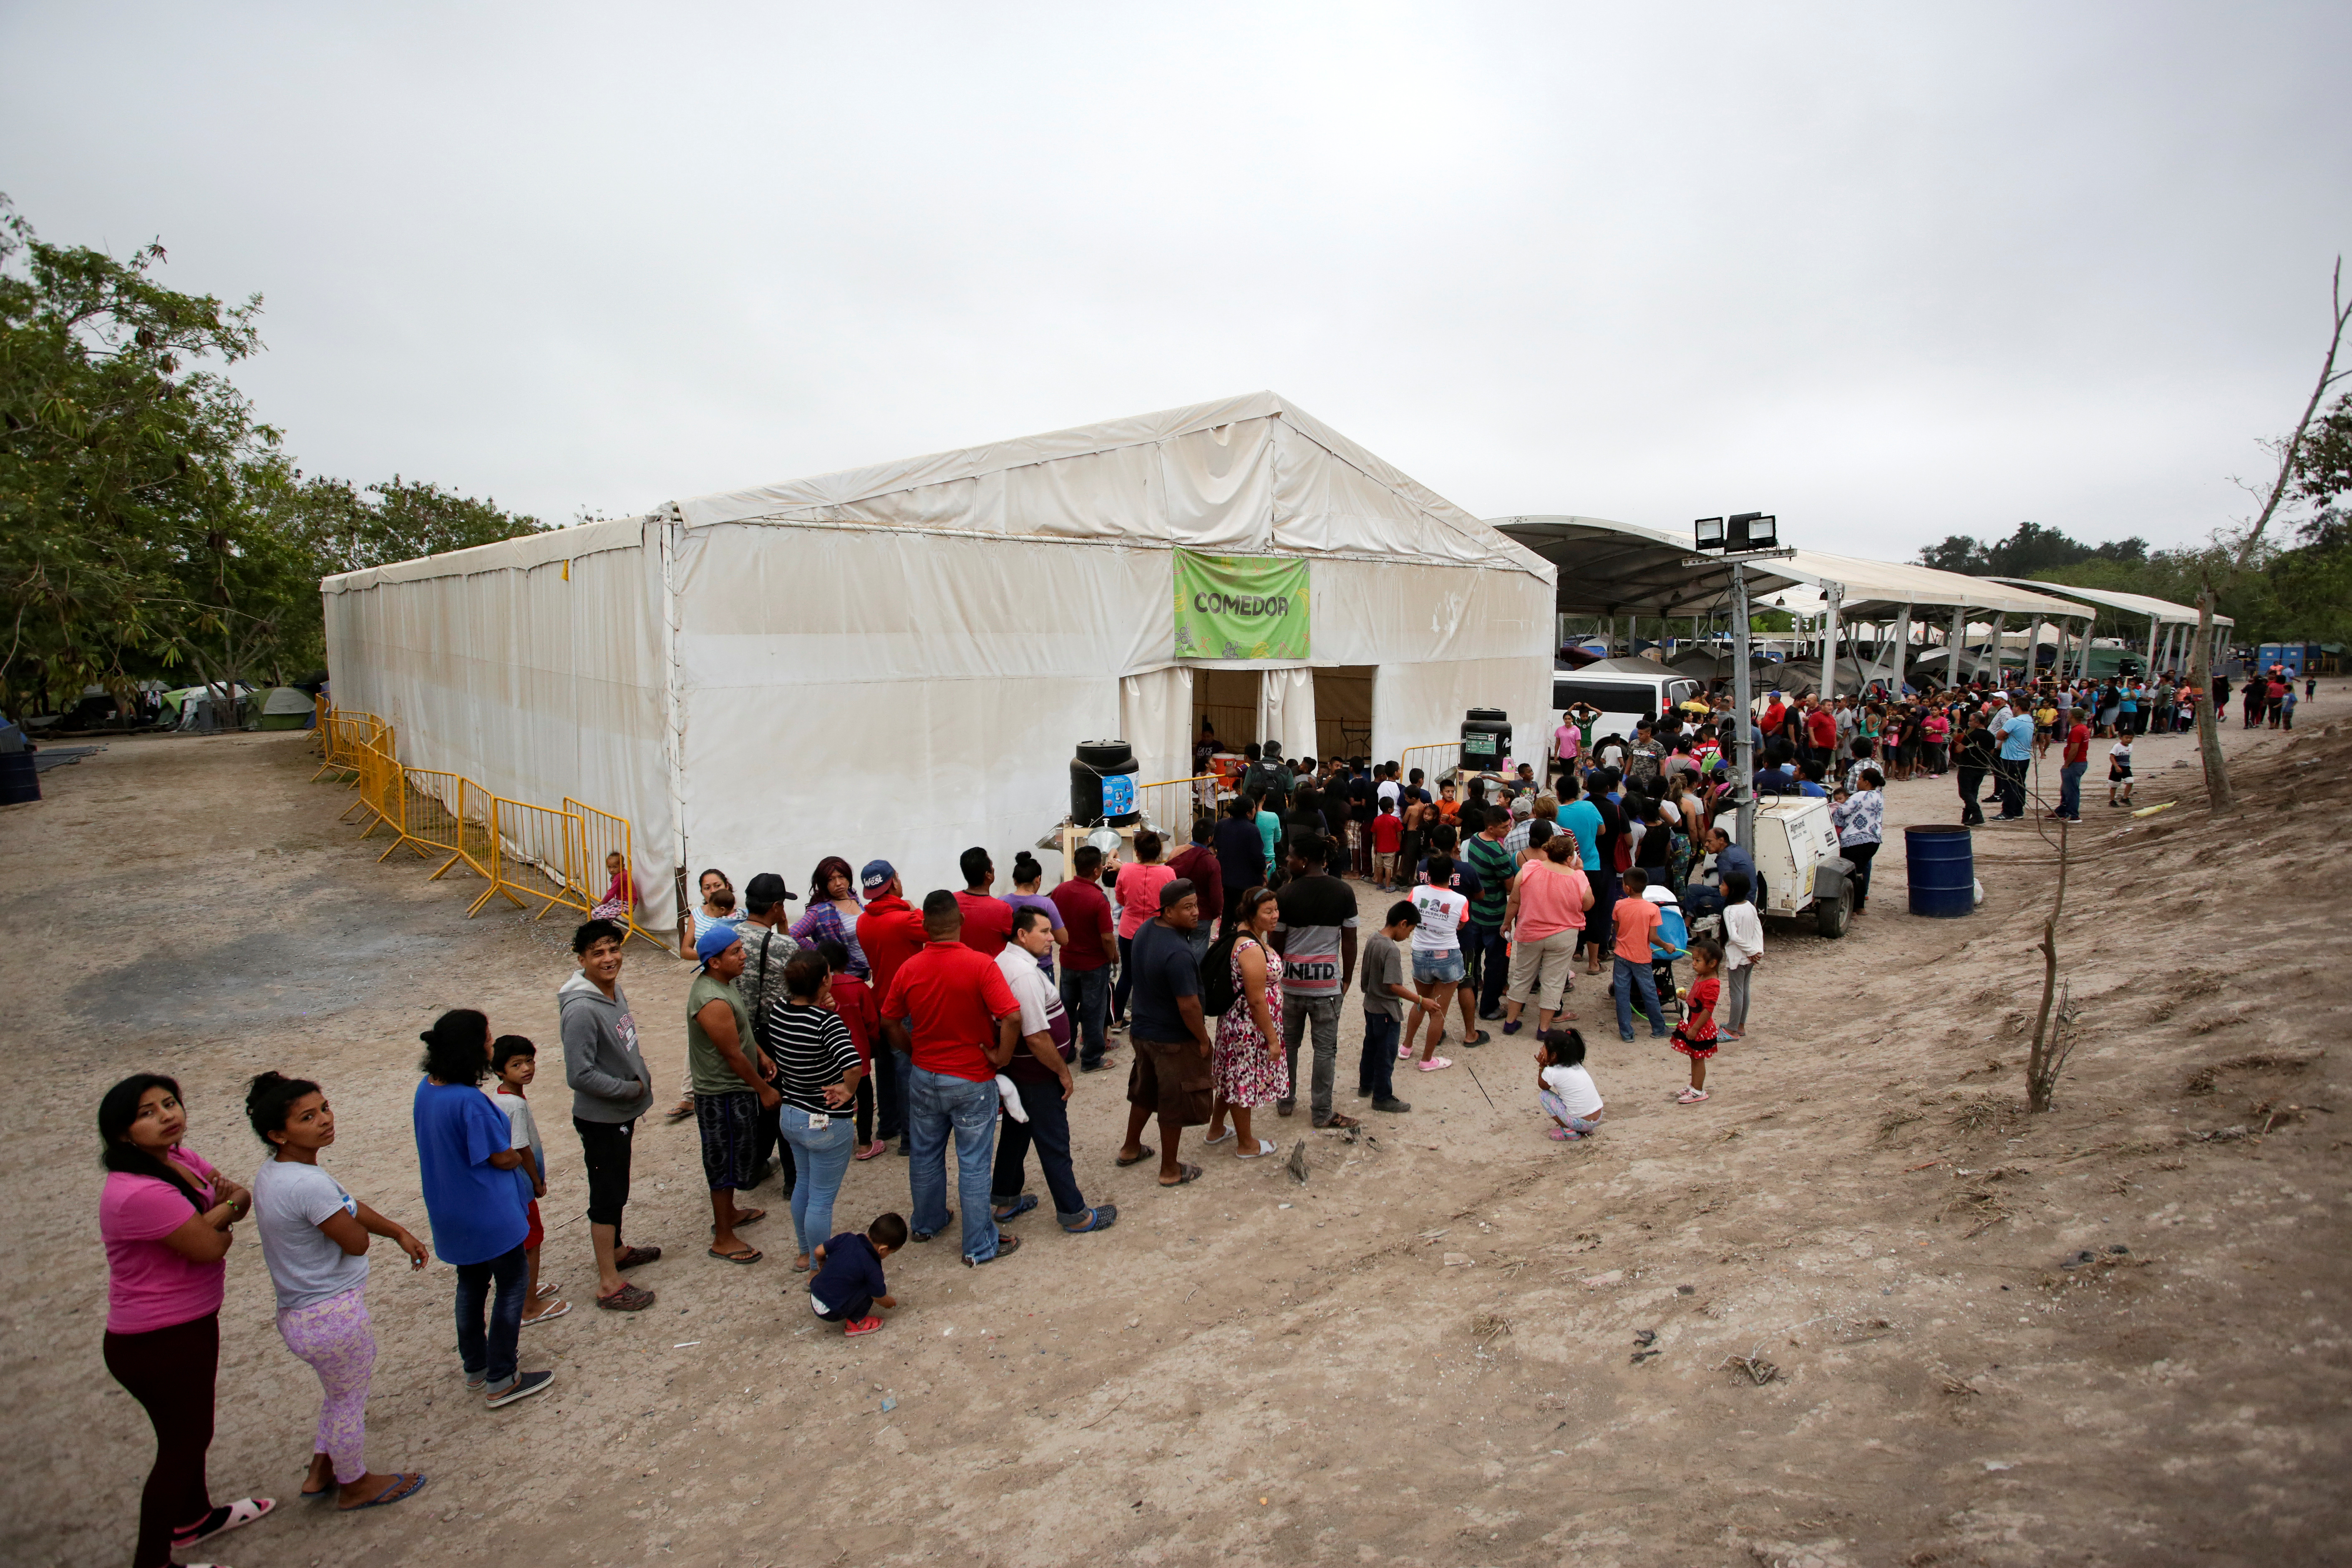 Los migrantes que buscan asilo en los EE. UU. Hacen cola para obtener alimentos en un campamento de más de 2,000 migrantes, mientras las autoridades locales se preparan para responder al brote de la enfermedad por coronavirus (COVID-19), en Matamoros, México, 20 de marzo de 2020.